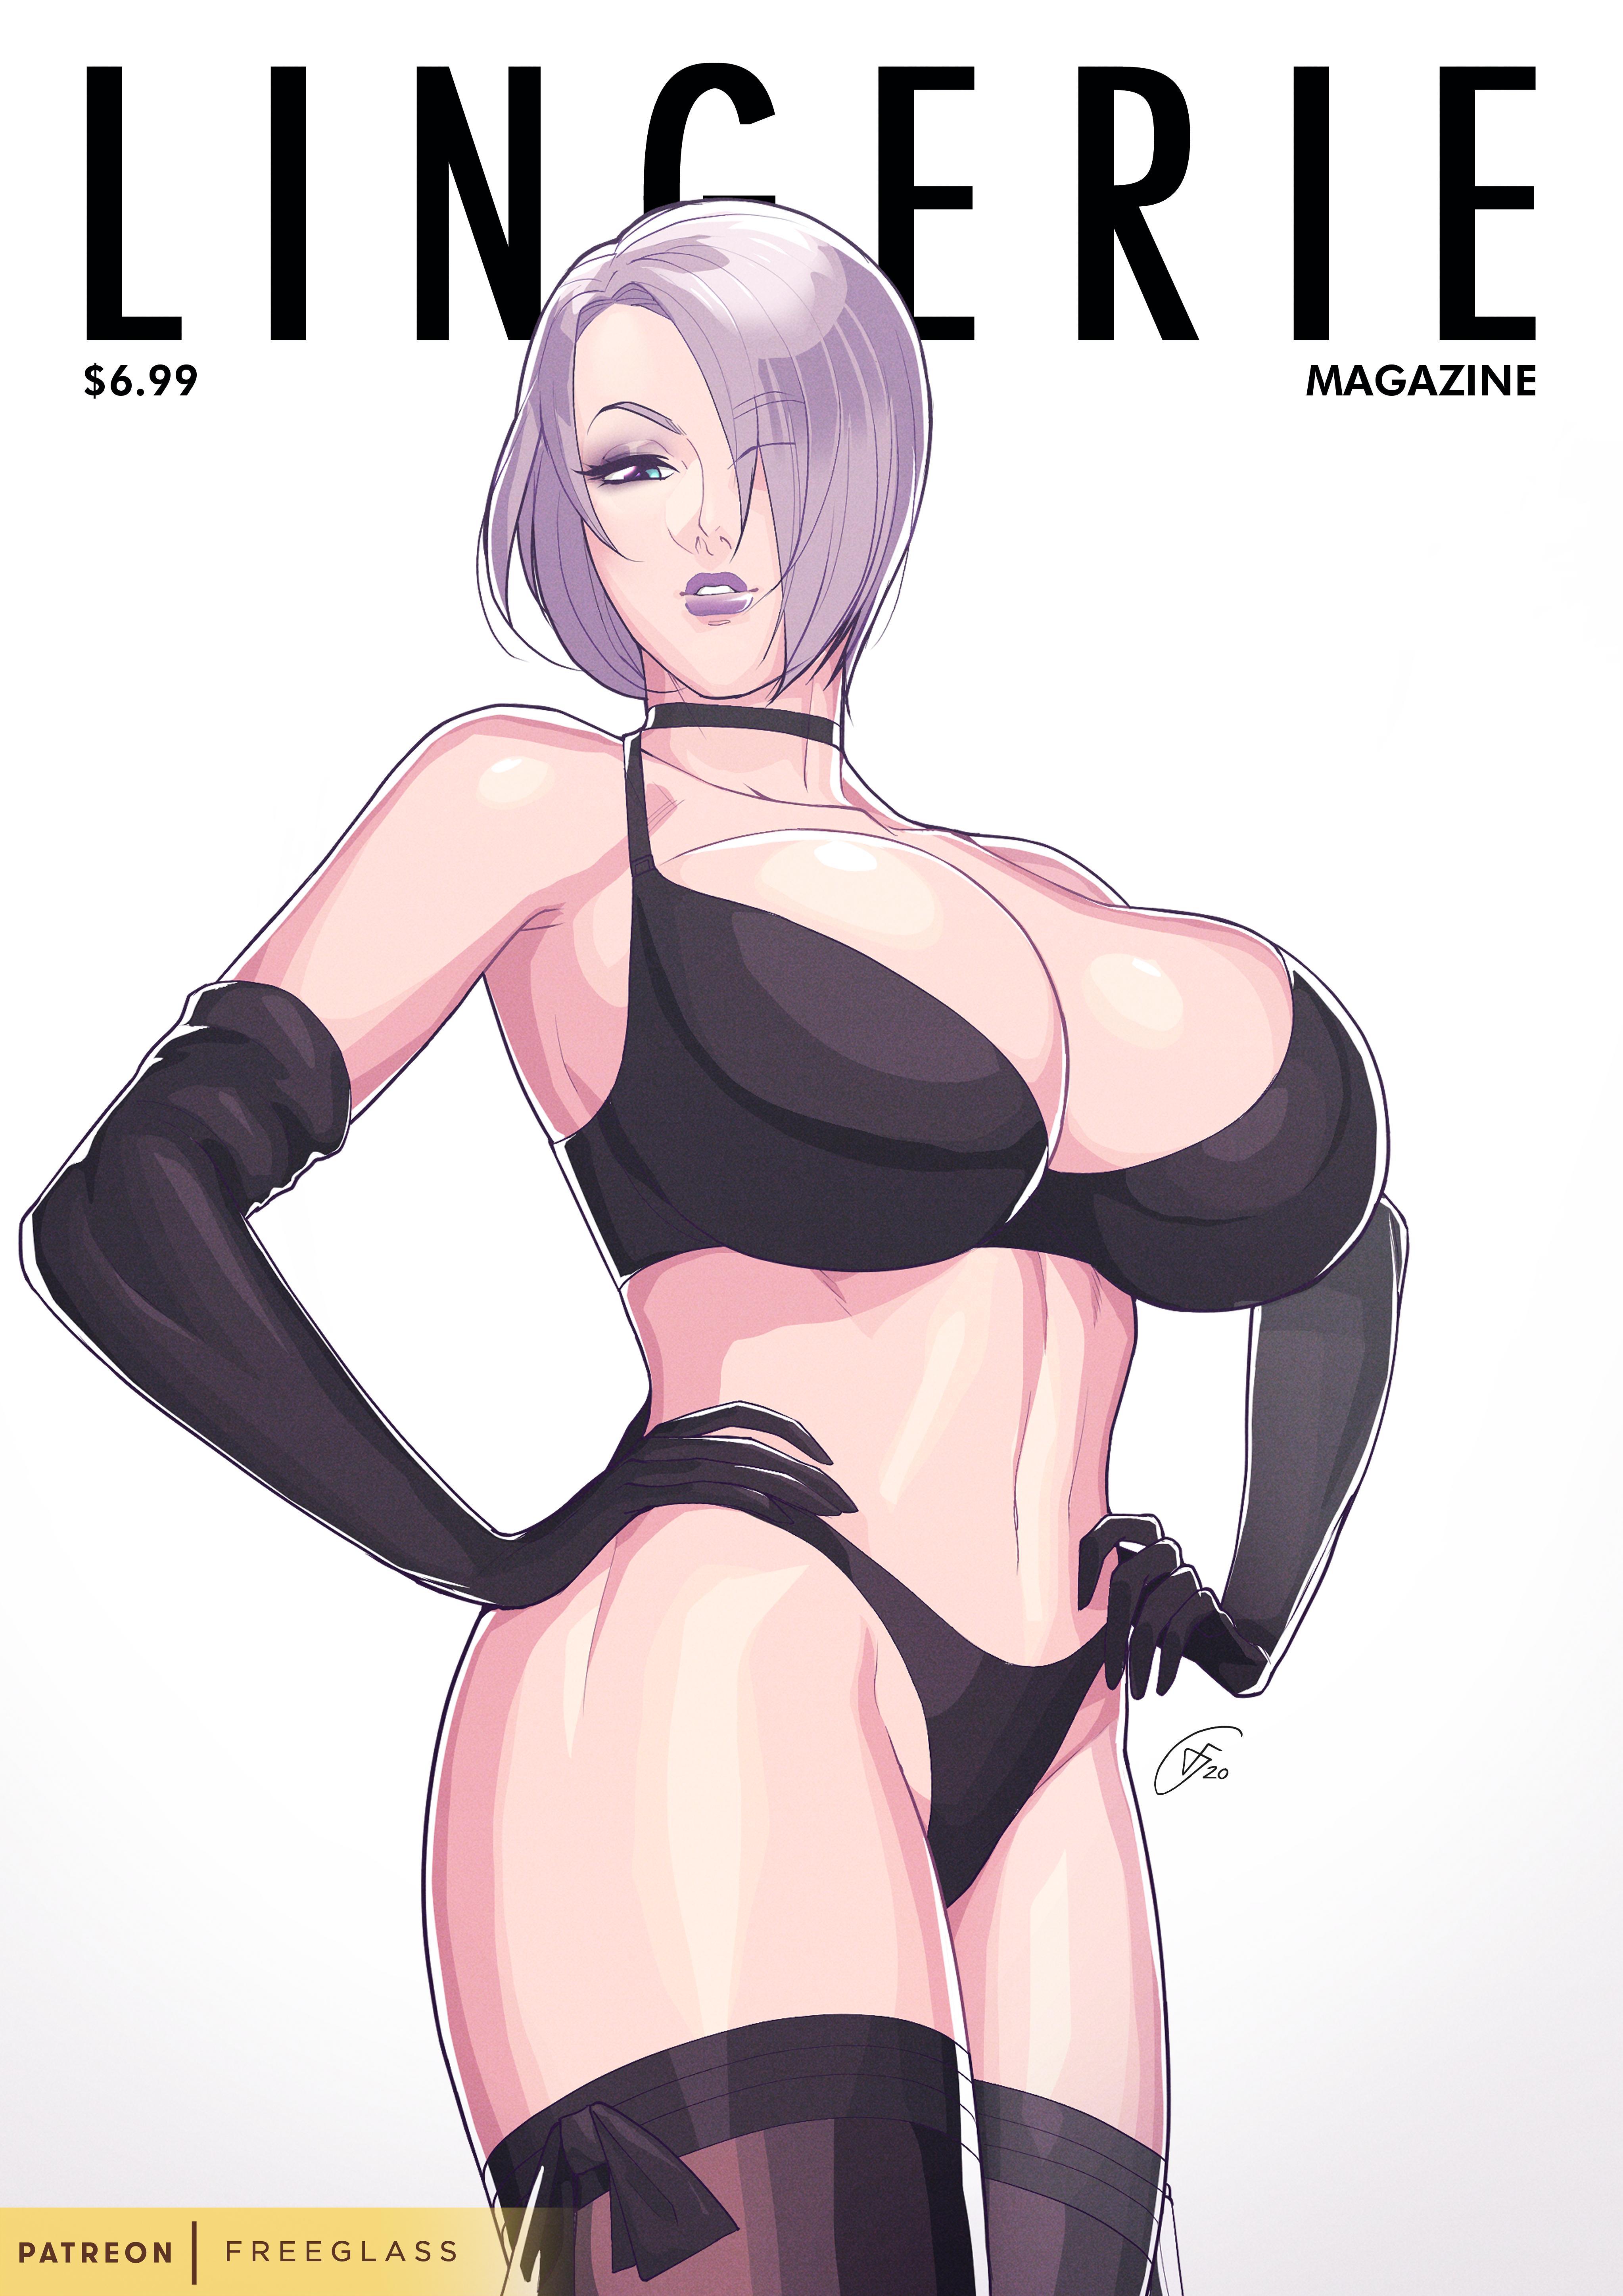 Lingerie Magazine Cover Girl - Ivy Valentine 2